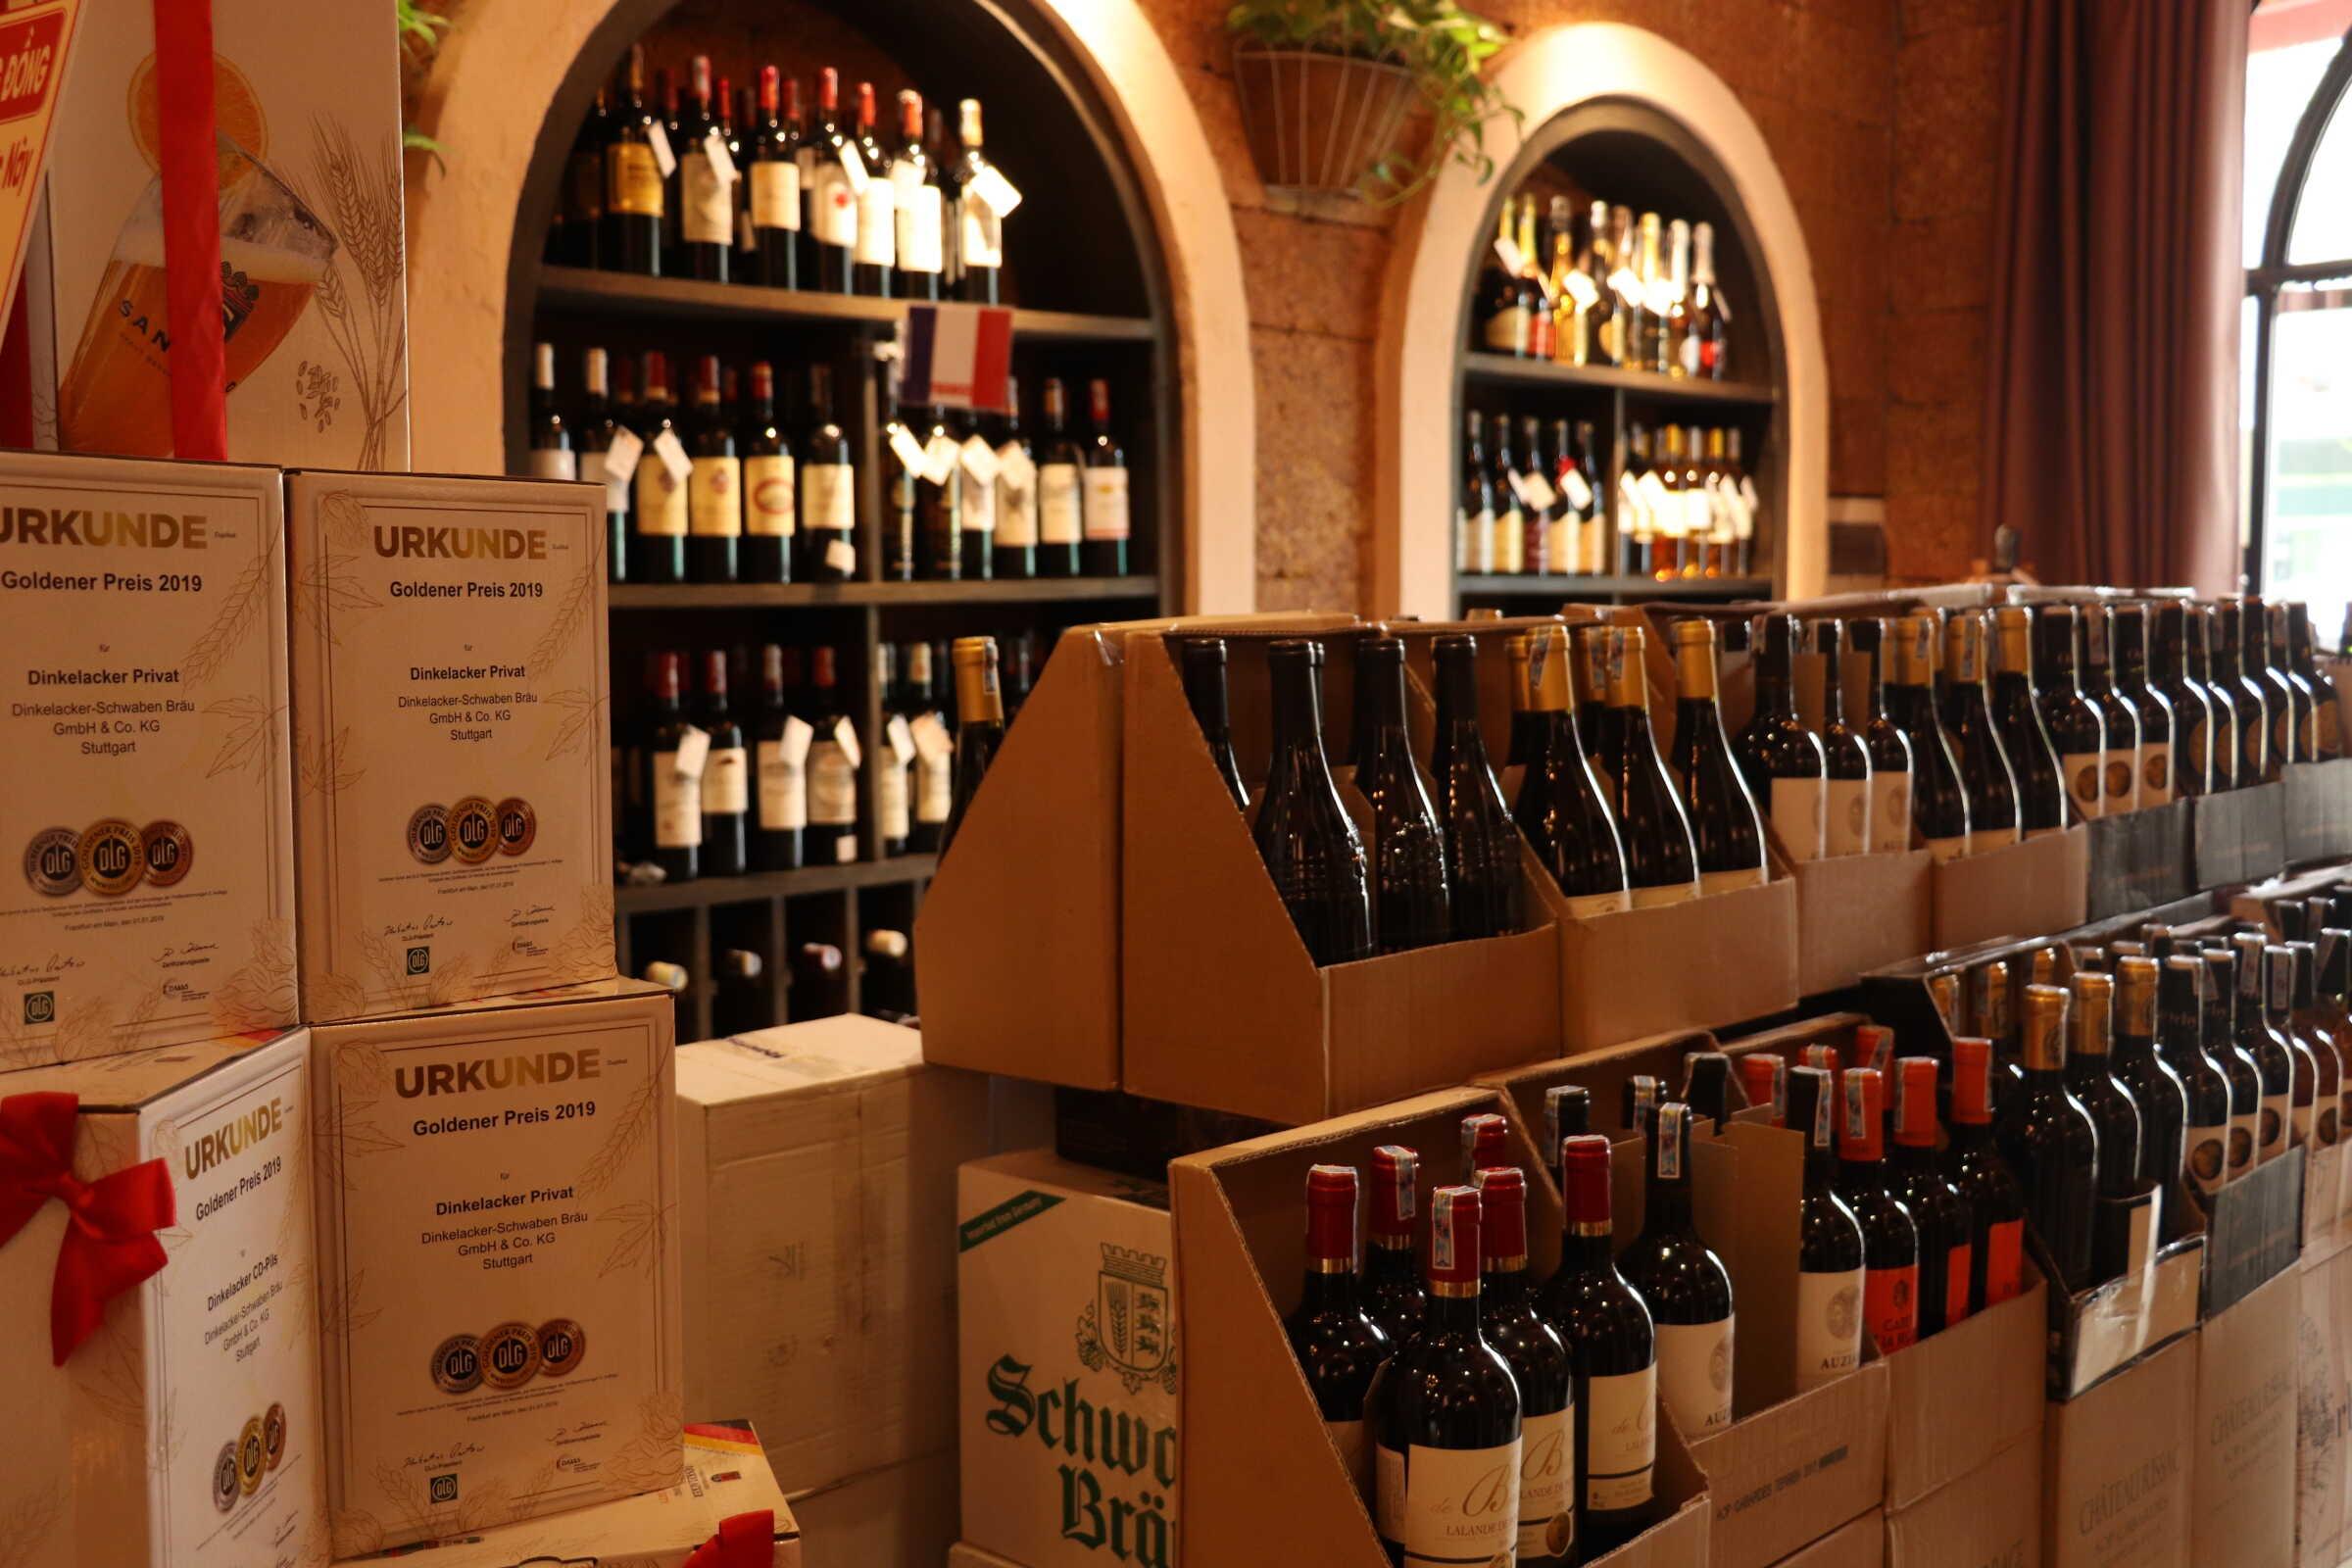 Địa chỉ mua rượu Merlot chính hãng, uy tín trên toàn quốc